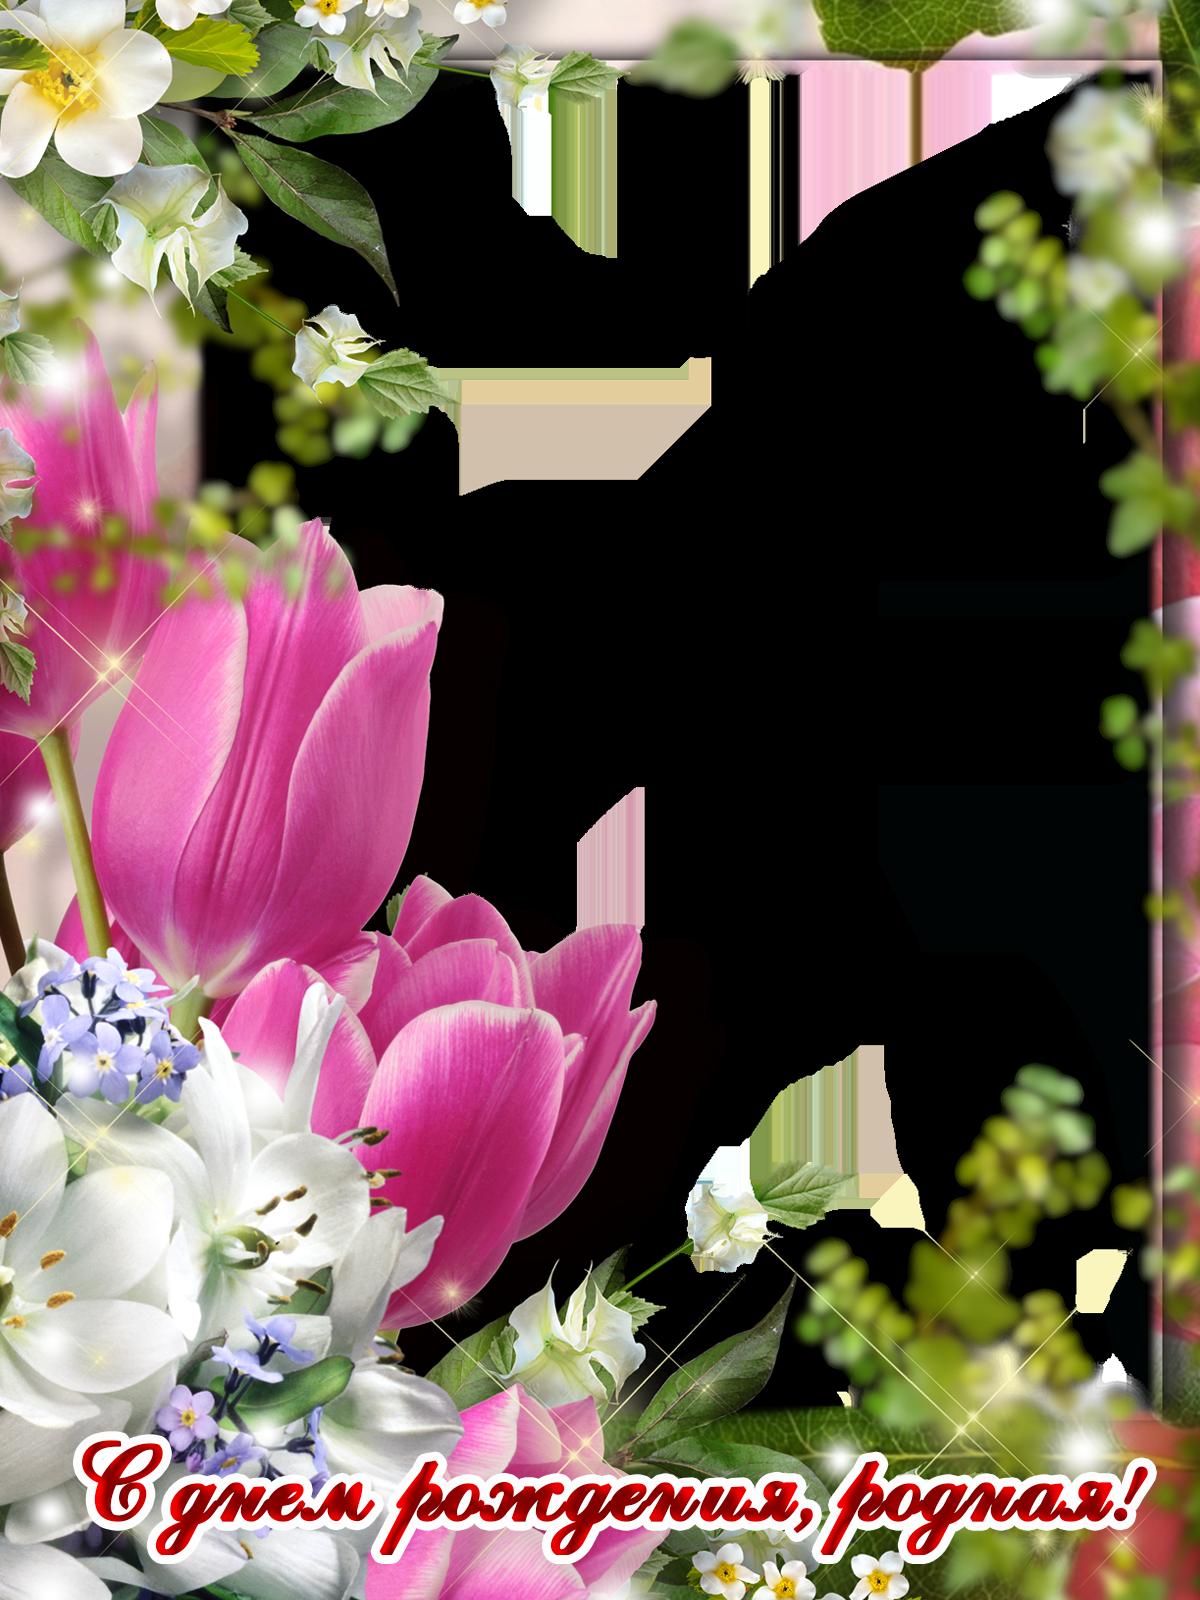 Фоторамка С днем рождения, родная! Фоторамка для фотошопа, PNG шаблон. Открытка с лиловыми тюльпанами на день рождения. Фоторамка для любимой девушки, для сестры, дочери, мамы, бабушки. День рождения. Яблоня в цвету.